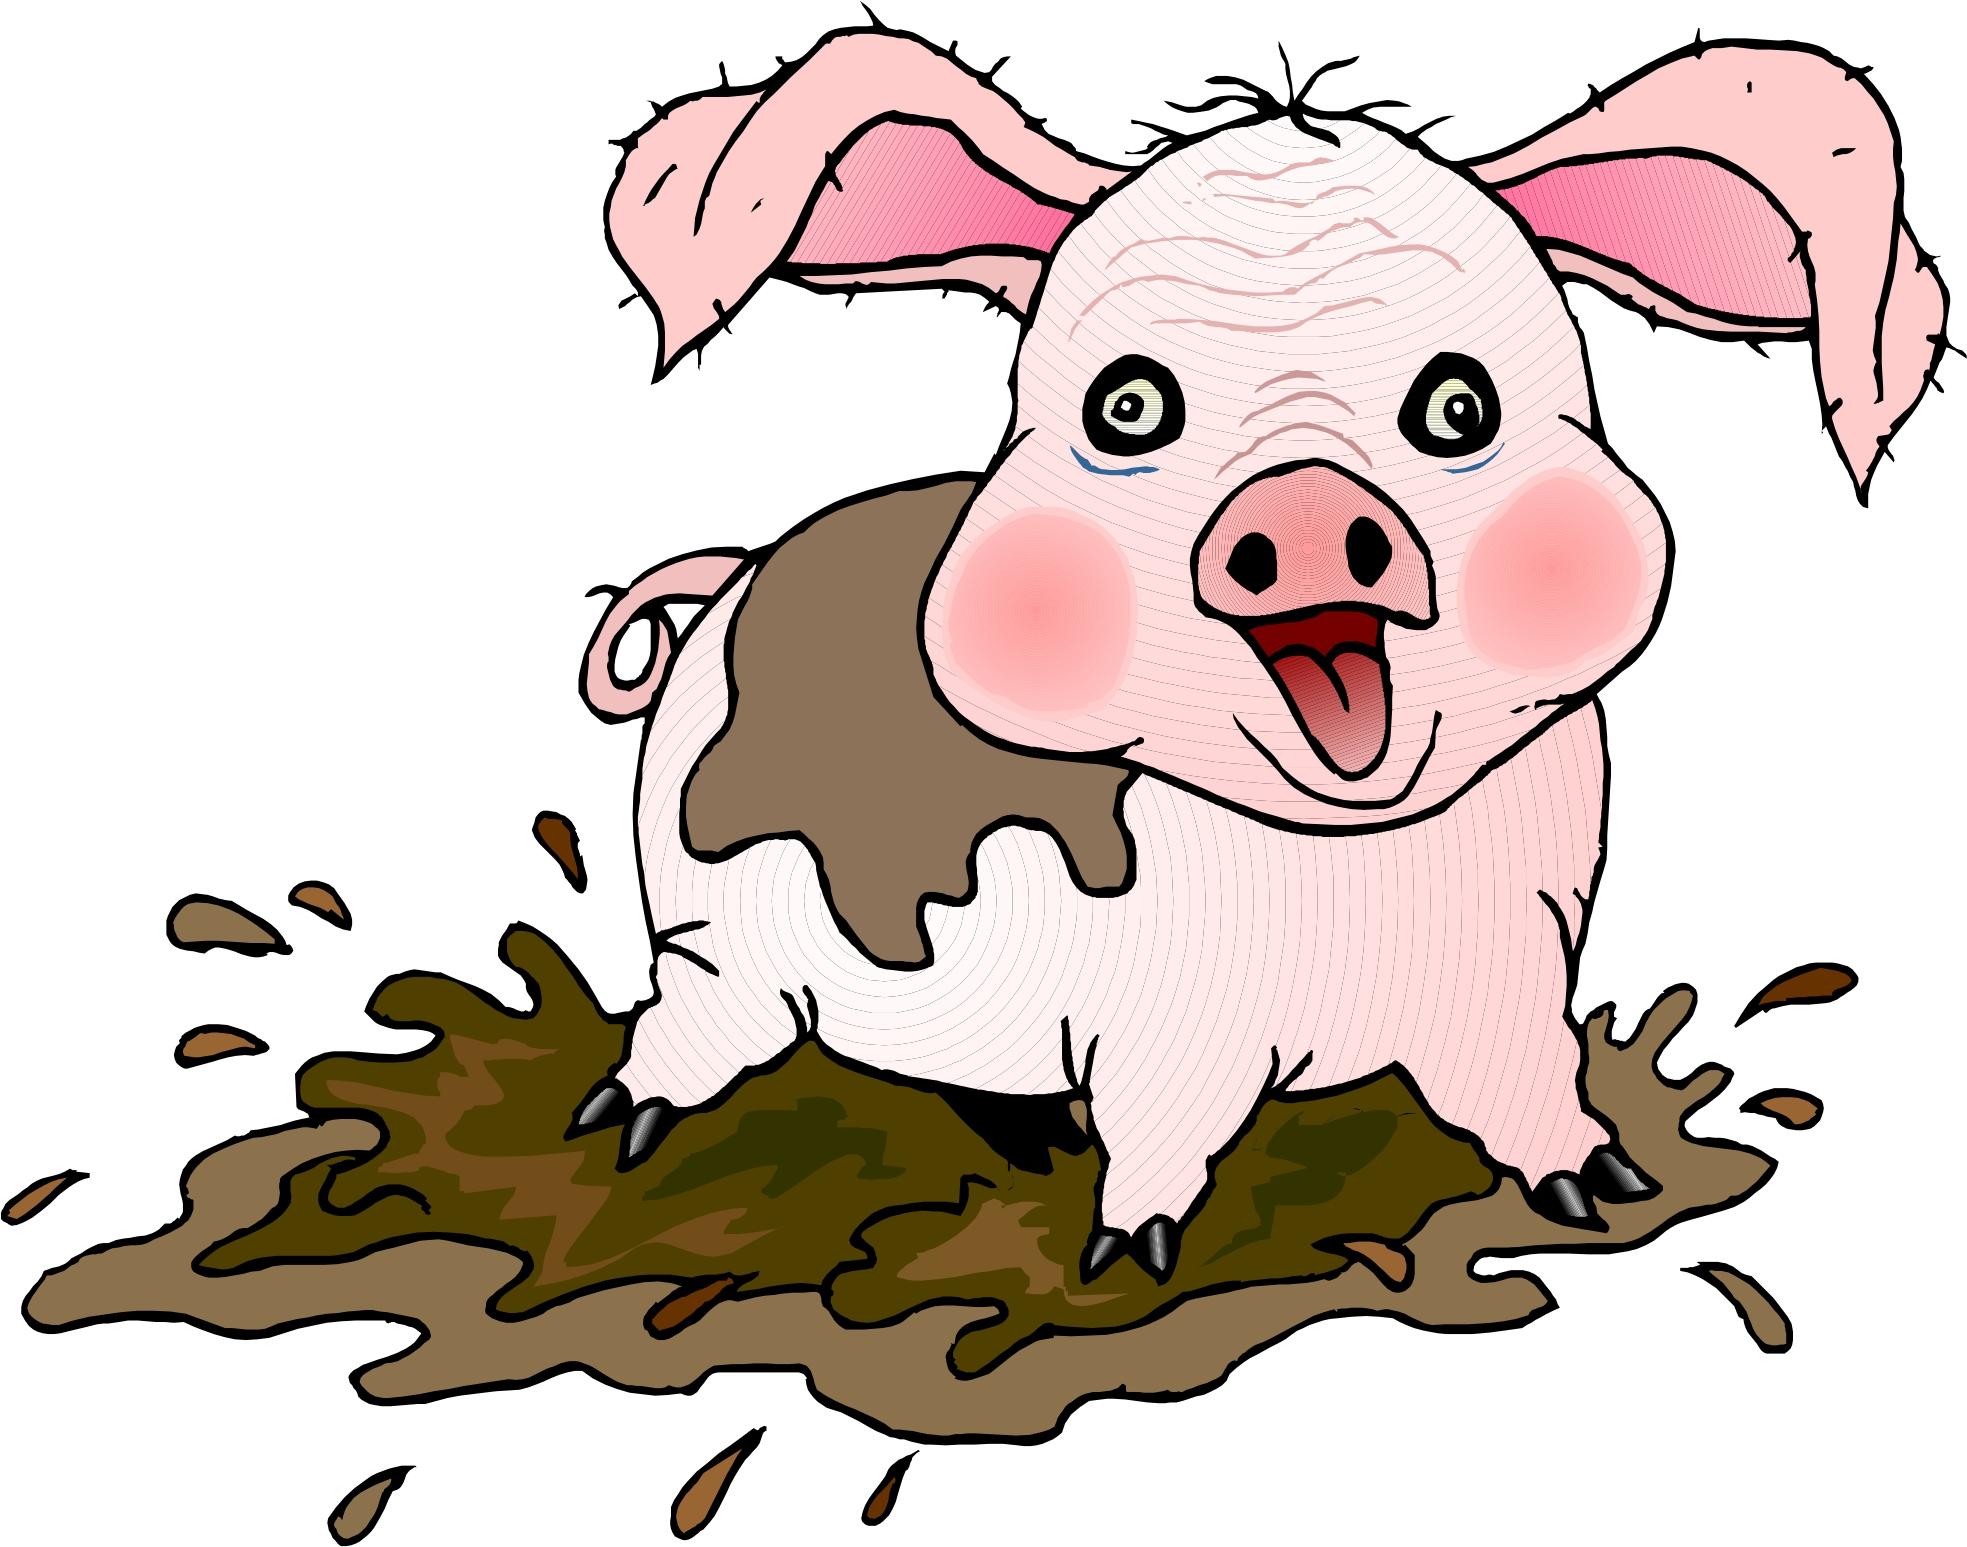 Cartoon Pig - PNG Pig In Mud